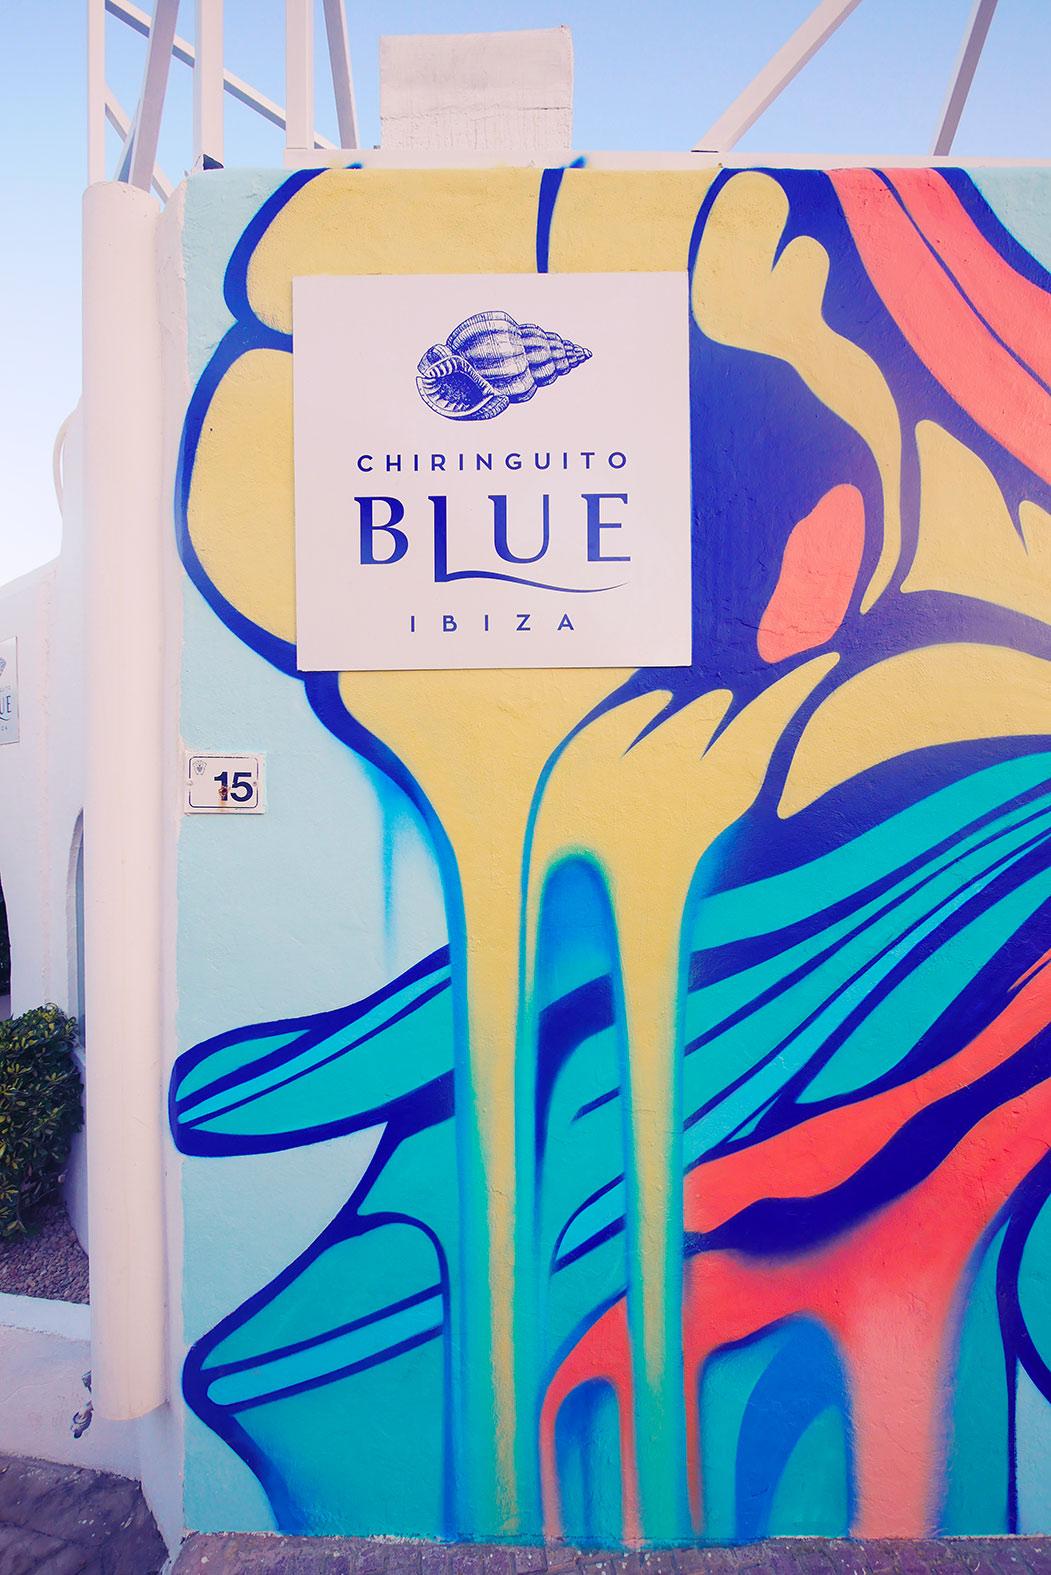 Nerone Painting Chiringuito Blue